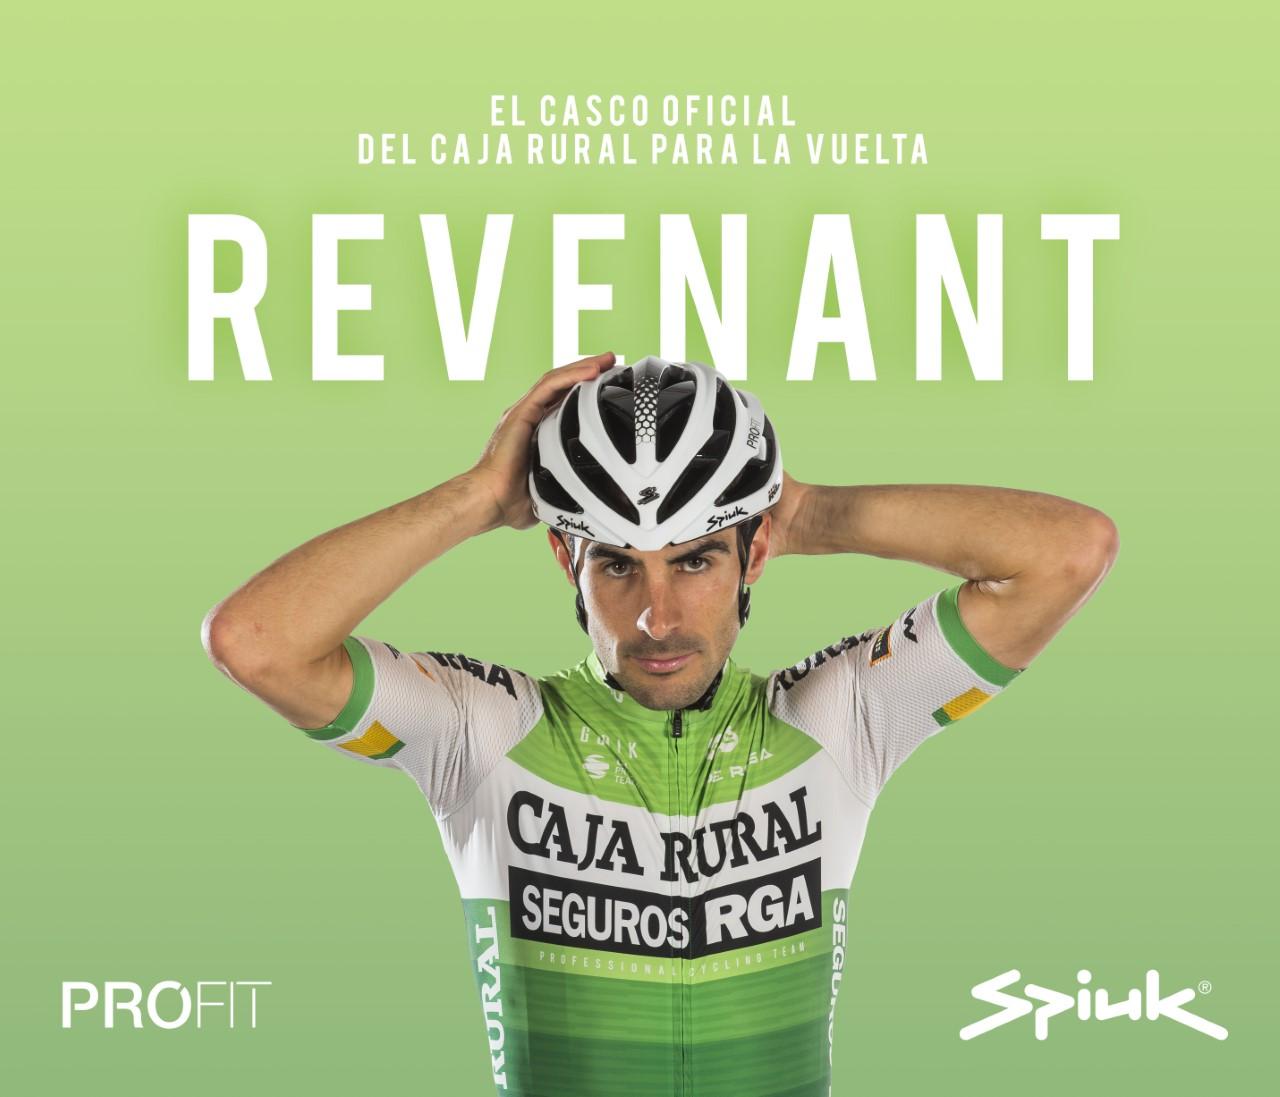 Los ciclistas de Caja Rural-Seguros RGA contarán con el nuevo Spiuk PROFIT Revenant